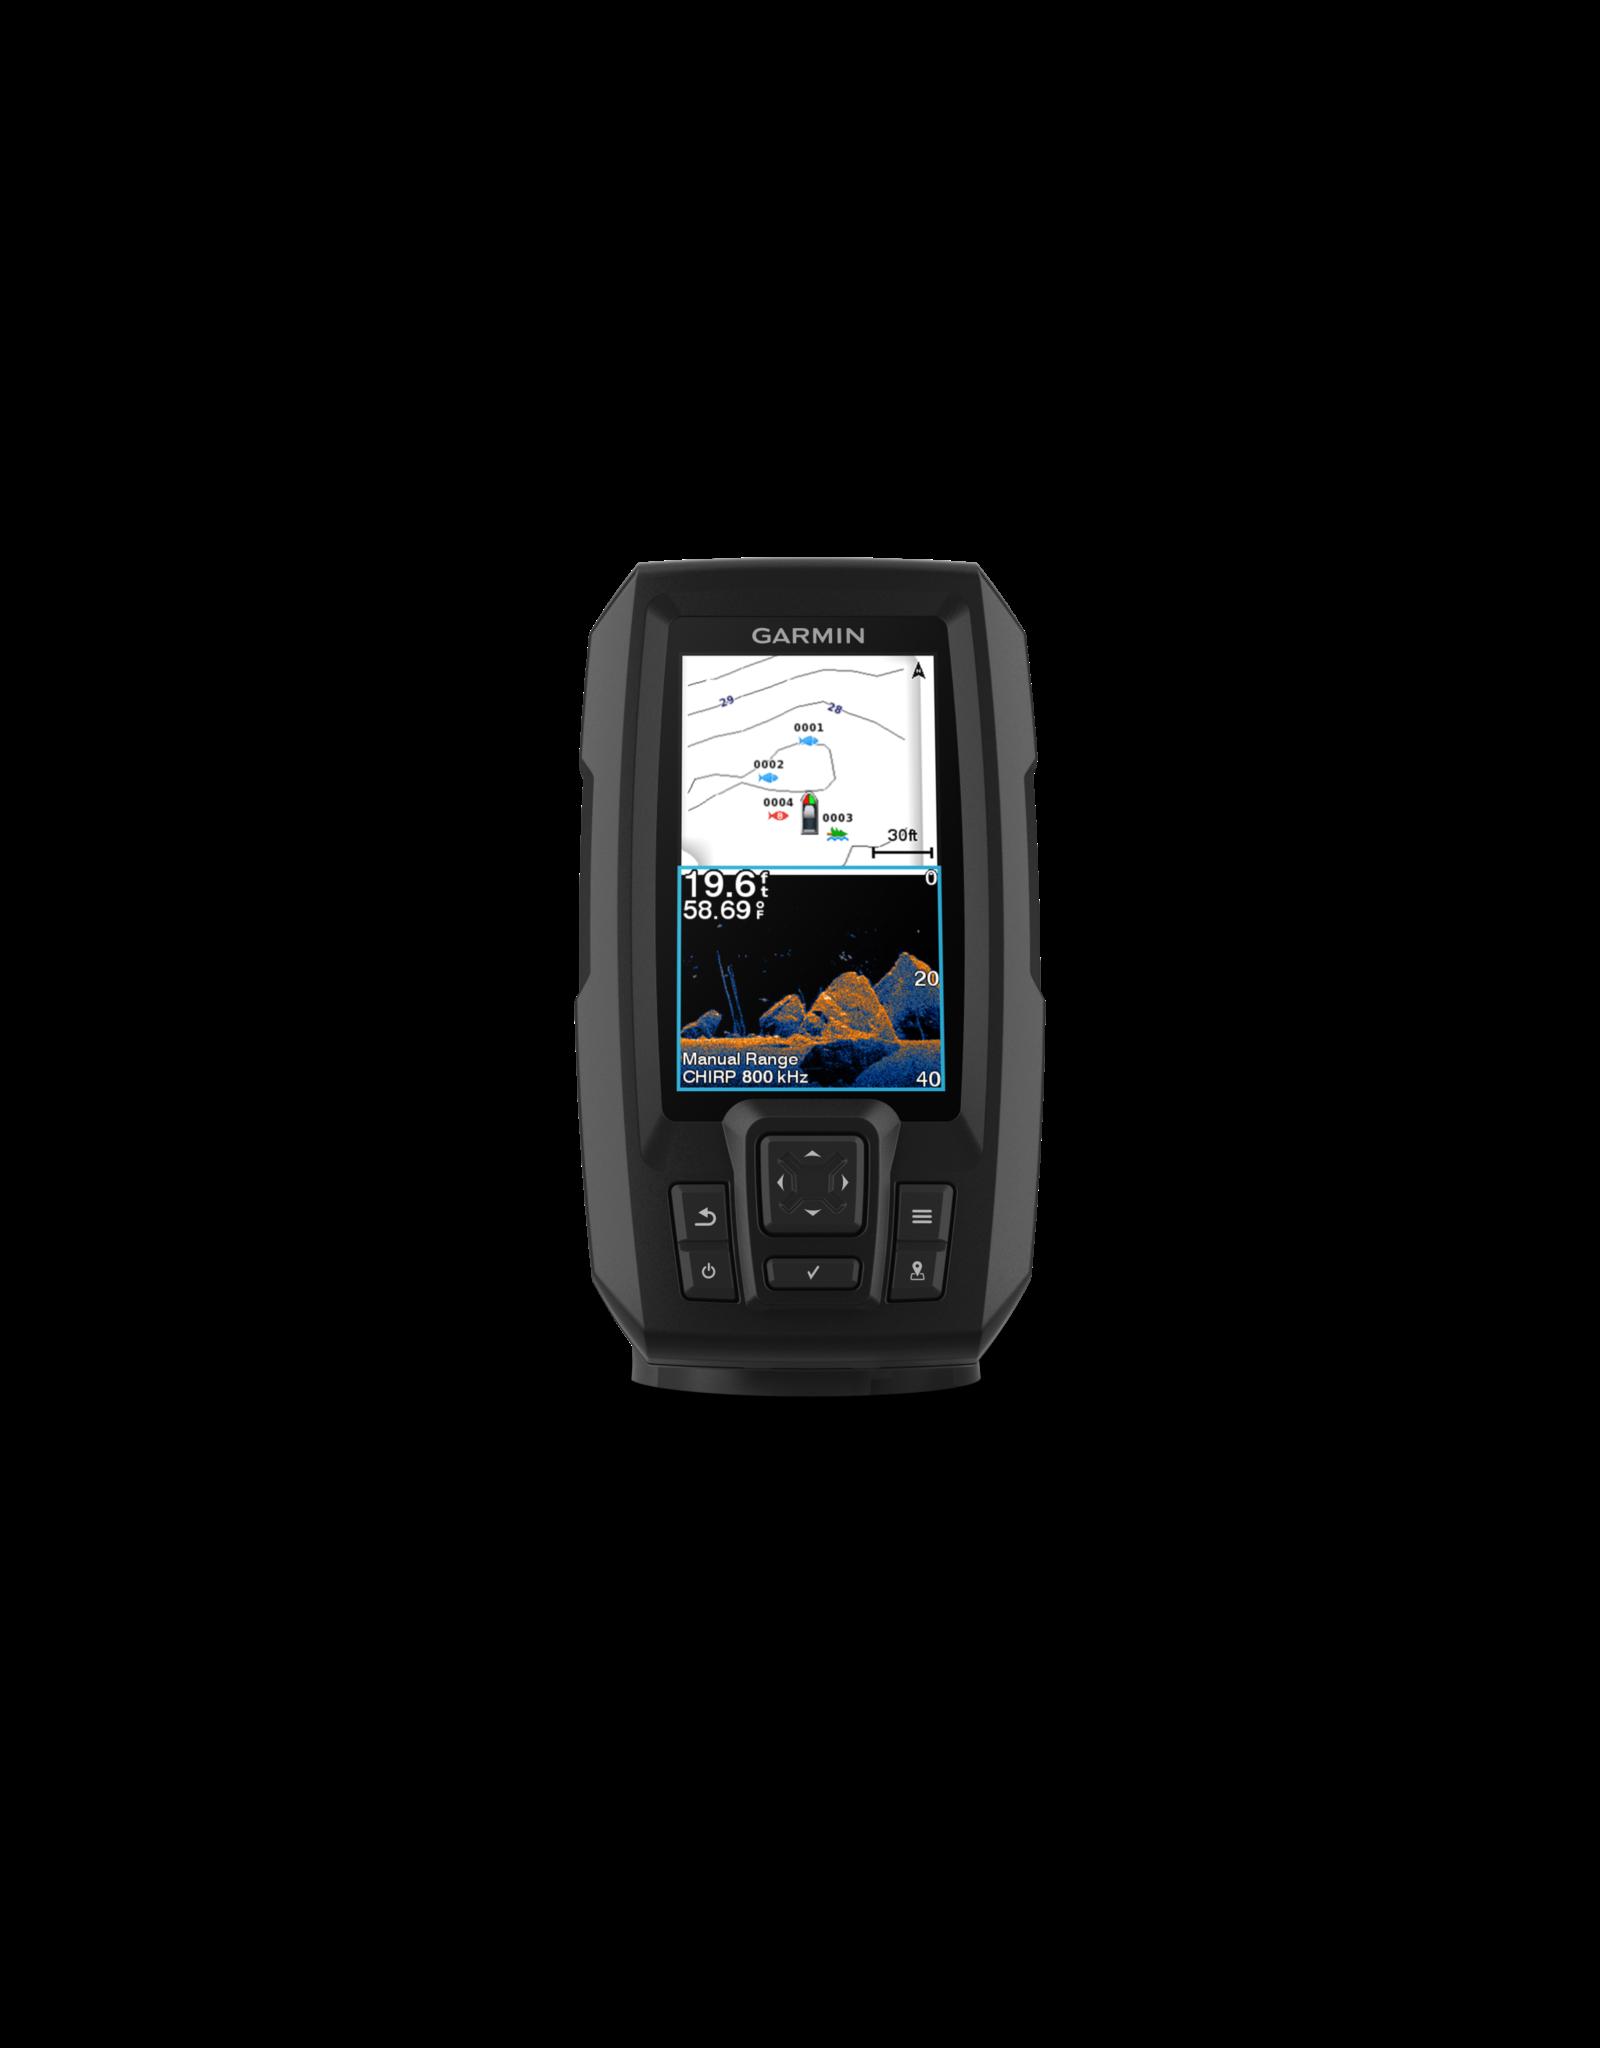 Garmin Garmin Striker Vivid 4CV + Transducer